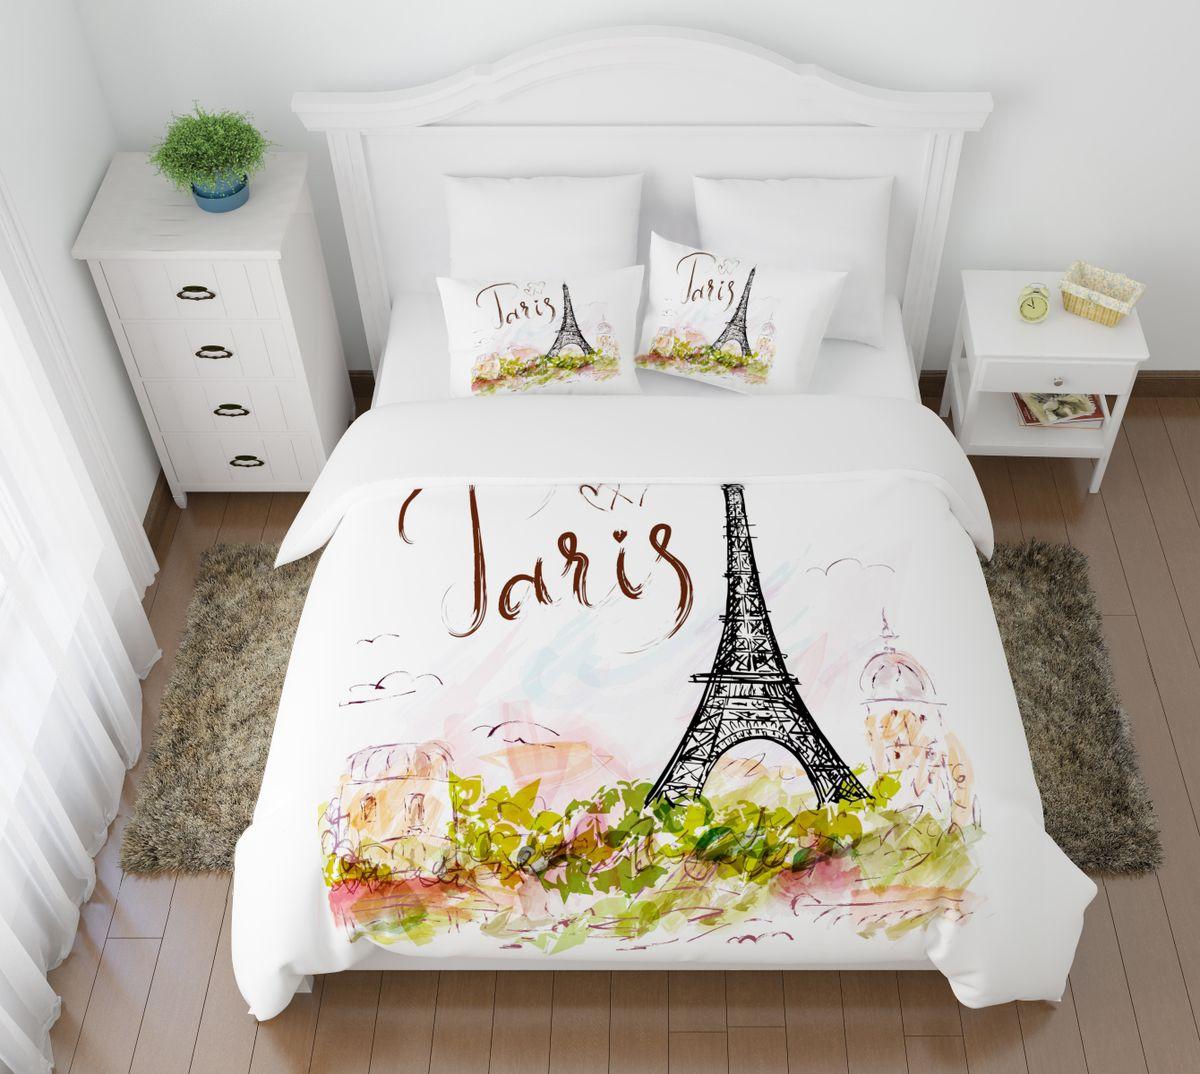 Комплект белья Сирень Открытка из Парижа, 1,5-спальный, наволочки 50x70FD 992Комплект постельного белья Сирень Открытка из Парижа состоит из простыни, пододеяльника и 2 наволочек. Комплект выполнен из современных гипоаллергенных материалов. Приятный при прикосновении сатин - гарантия здорового, спокойного сна. Ткань хорошо впитывает влагу, надолго сохраняет яркость красок. Четкий, изящный рисунок в сочетании с насыщенными красками делает комплект постельного белья неповторимой изюминкой любого интерьера. Постельное белье идеально подойдет для подарка.